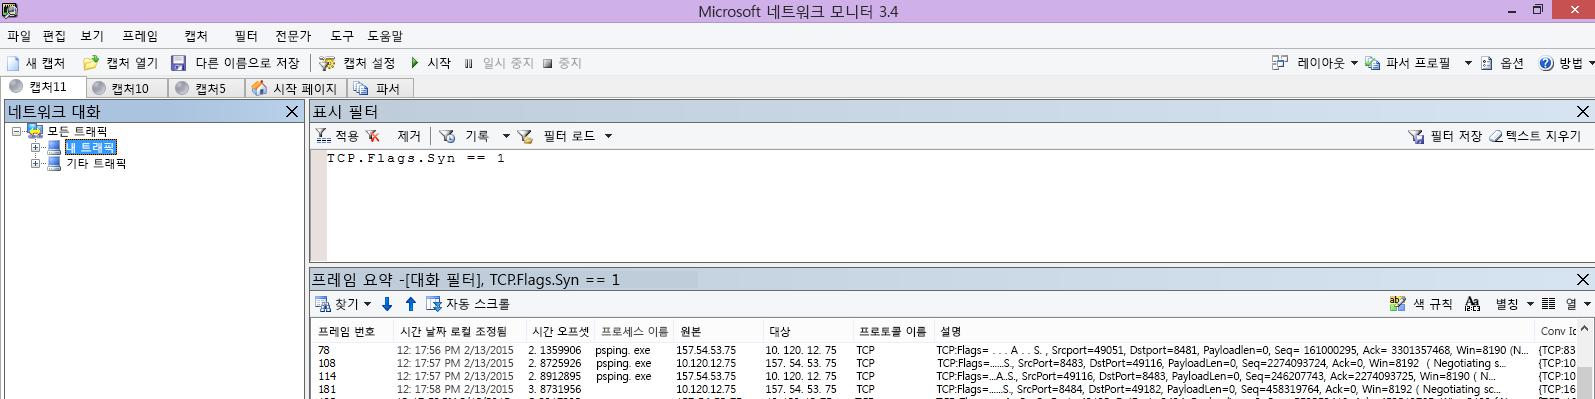 TCP.Flags.Syn == 1 필터를 통해 PSPing 명령과 동일한 결과를 보여 주는 클라이언트의 Netmon 추적